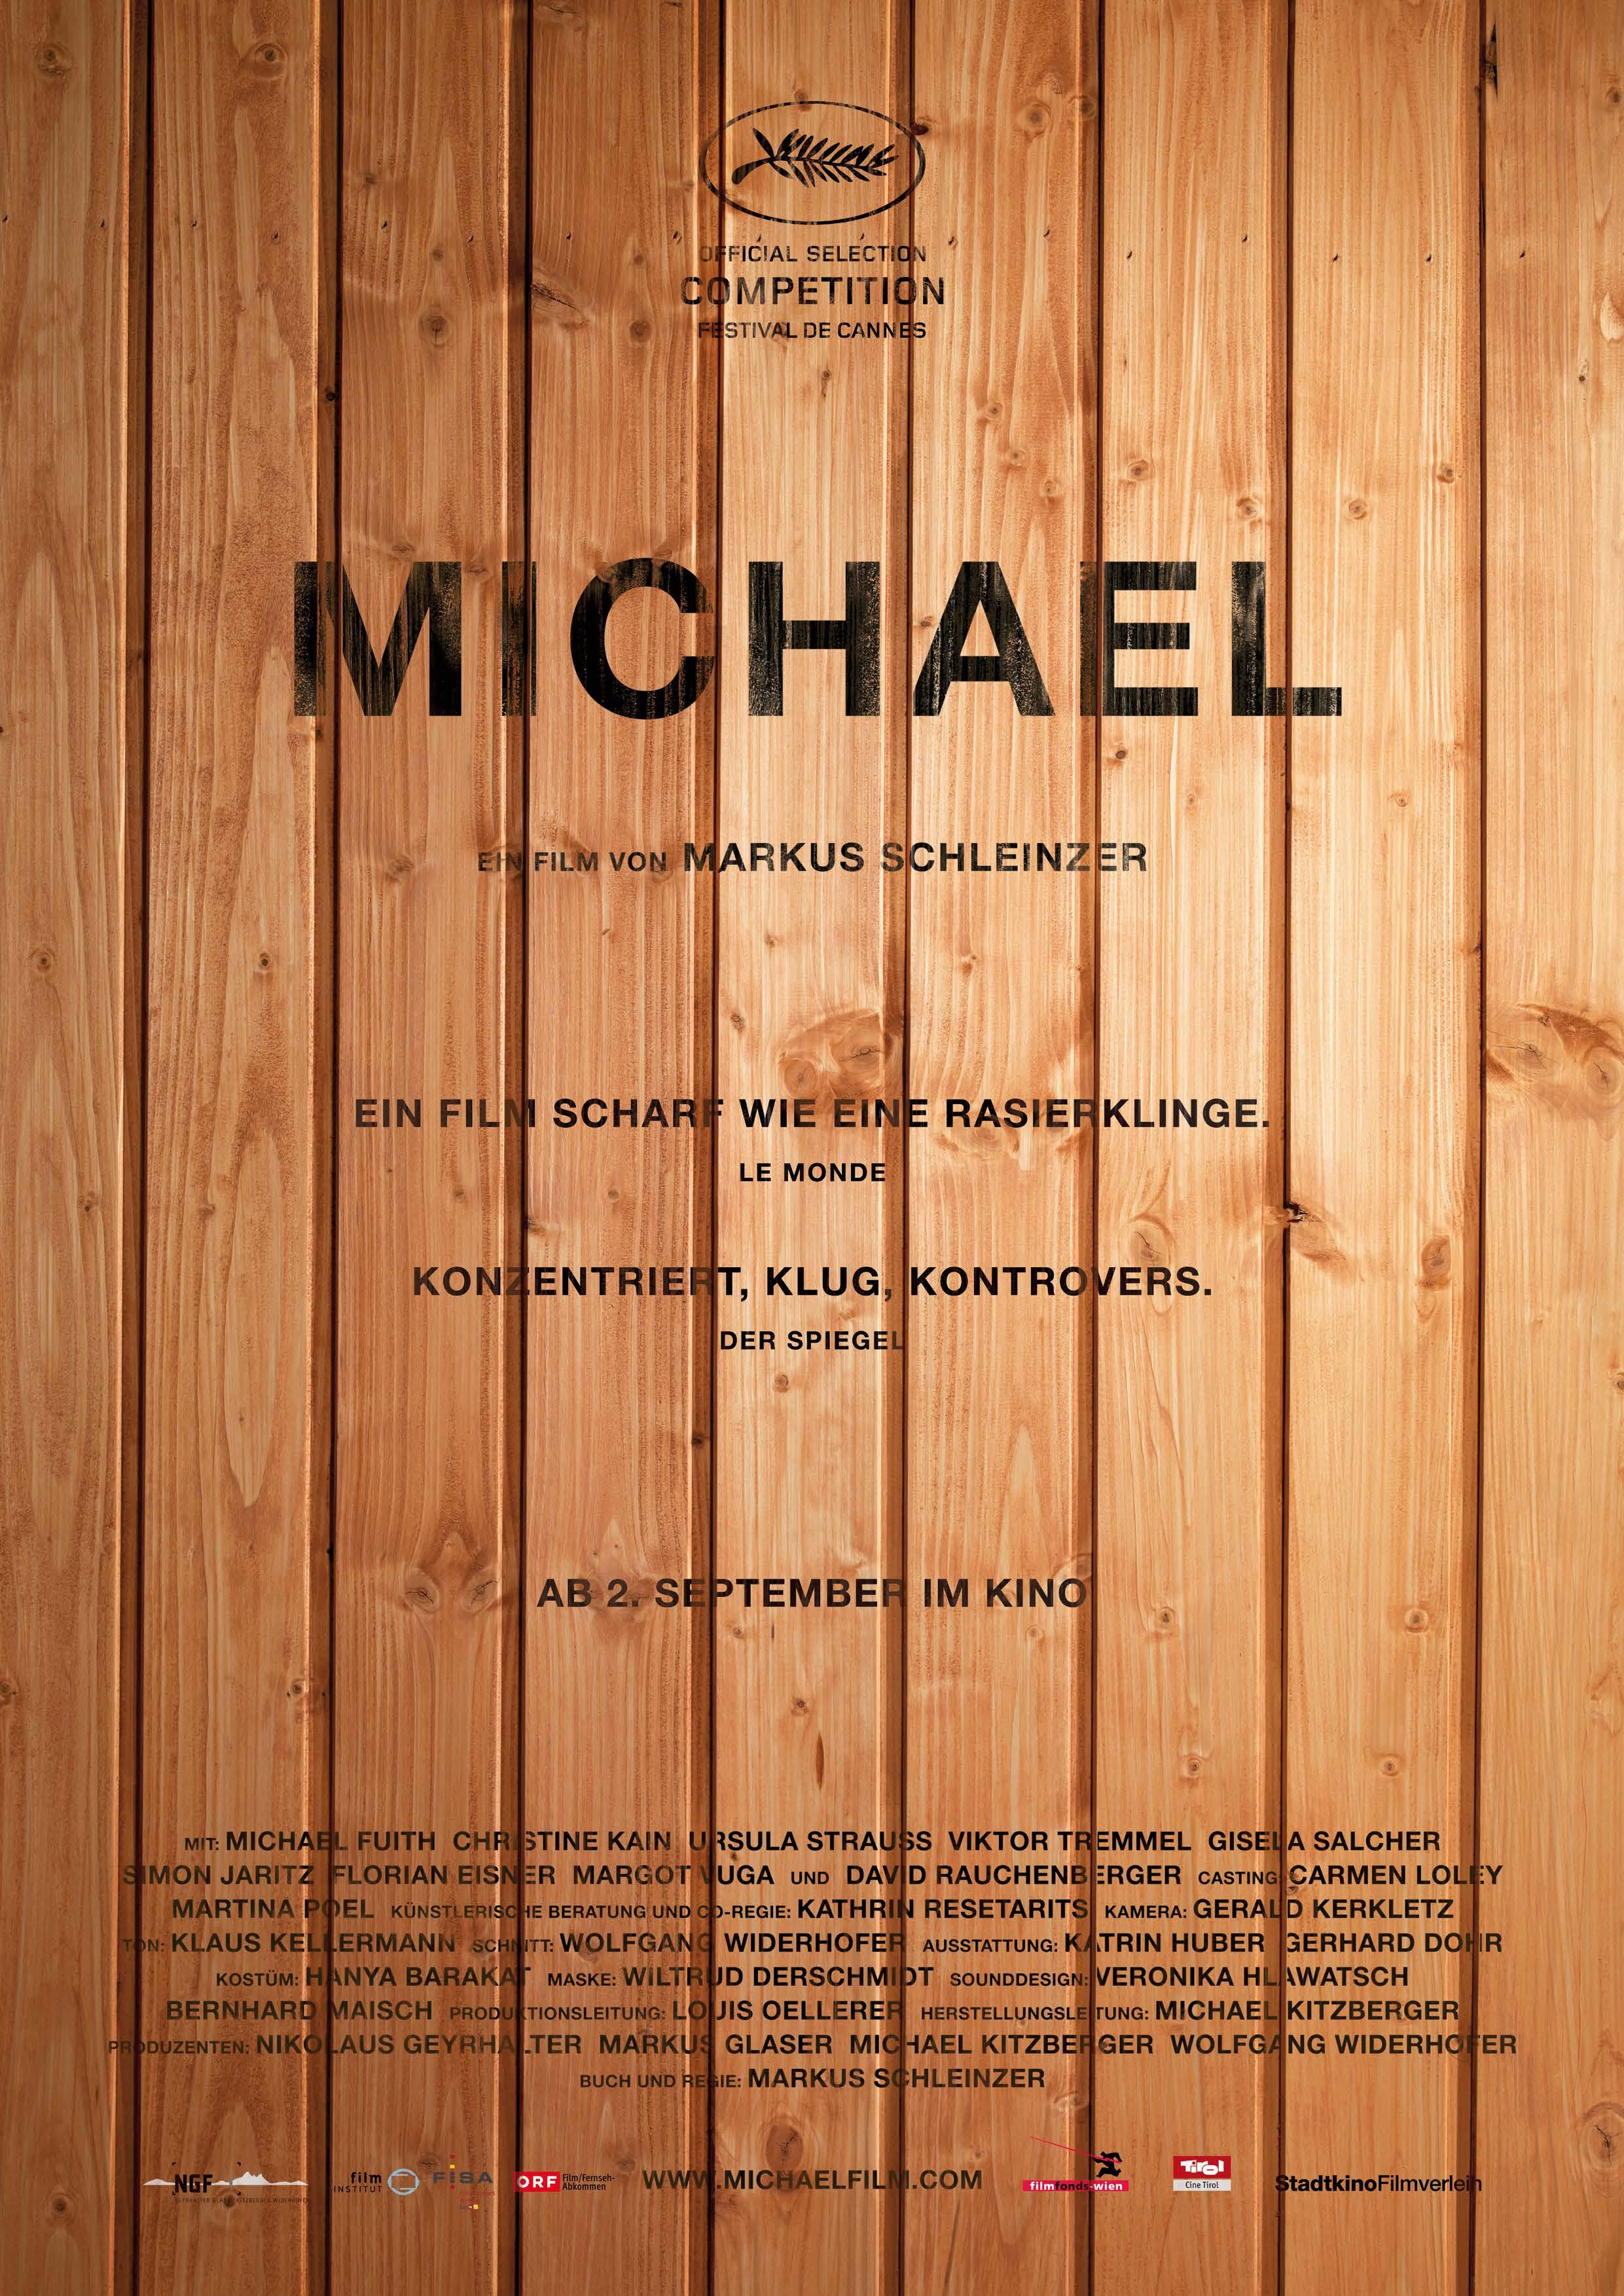 ngf nikolaus geyrhalter filmproduktion michael. Black Bedroom Furniture Sets. Home Design Ideas